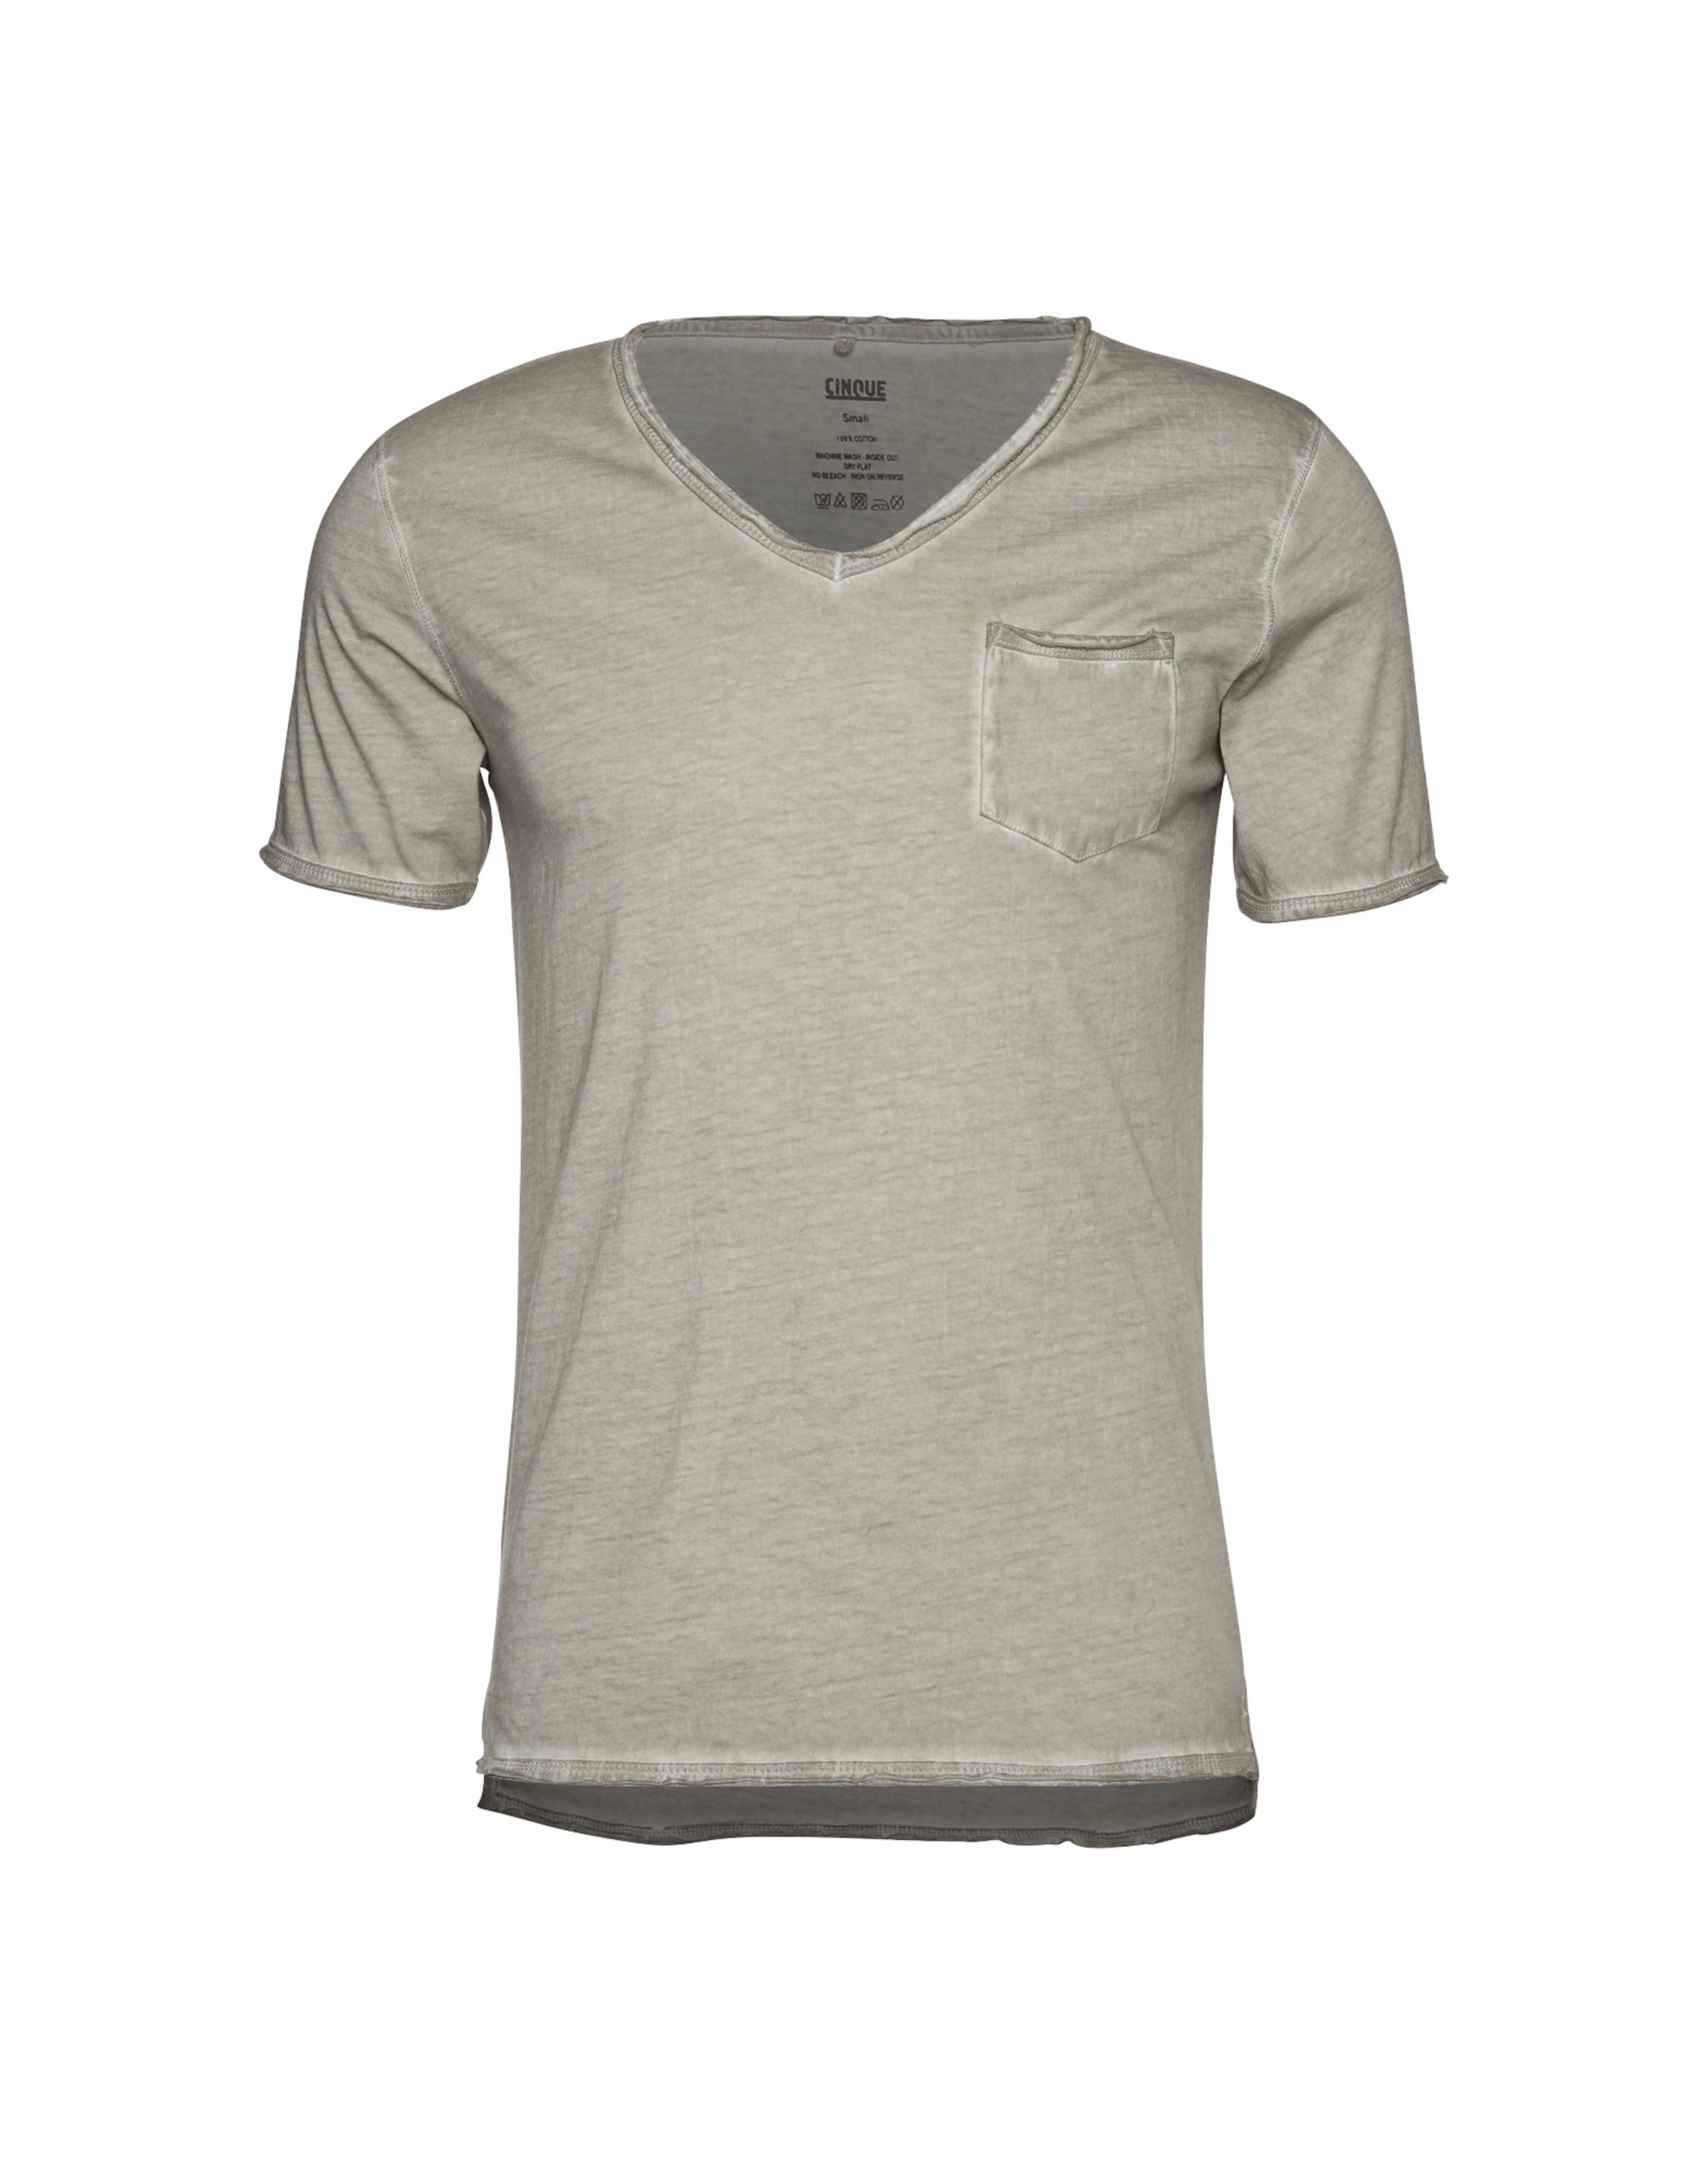 Spielraum 2018 Neueste Bester Lieferant CINQUE T-Shirt im Garment Dyed - Ciravi Steckdose Neuesten Spielraum Top-Qualität 0bLdvx5LYb